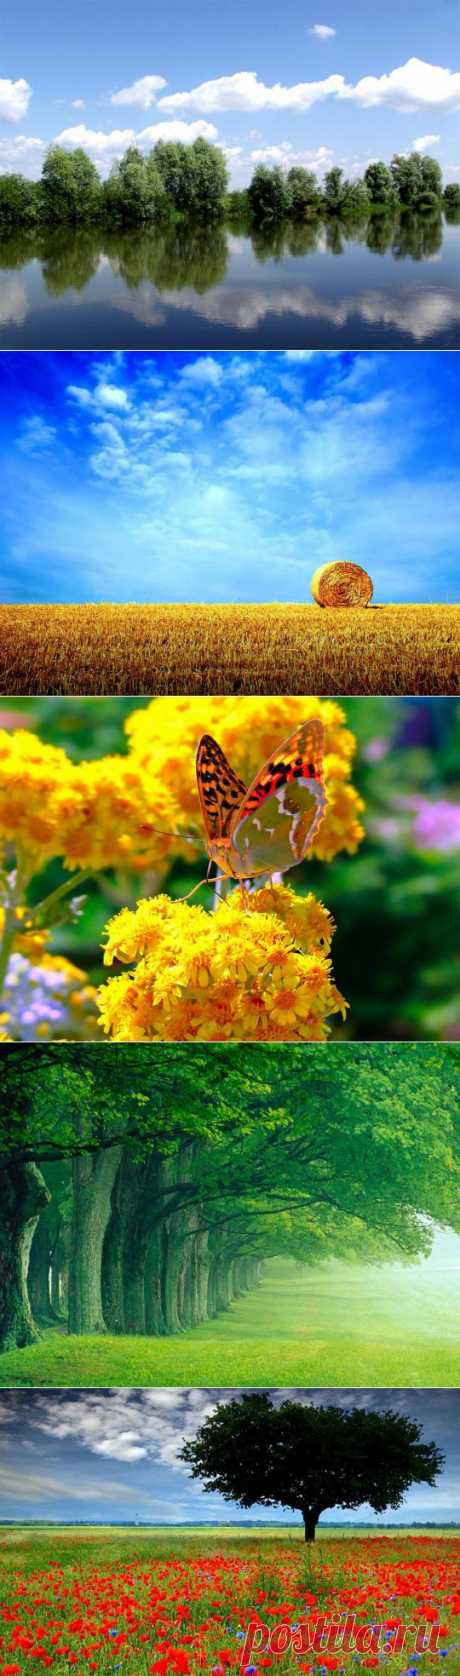 Лето, красивые летние пейзажи видео, картинки (64 фото)